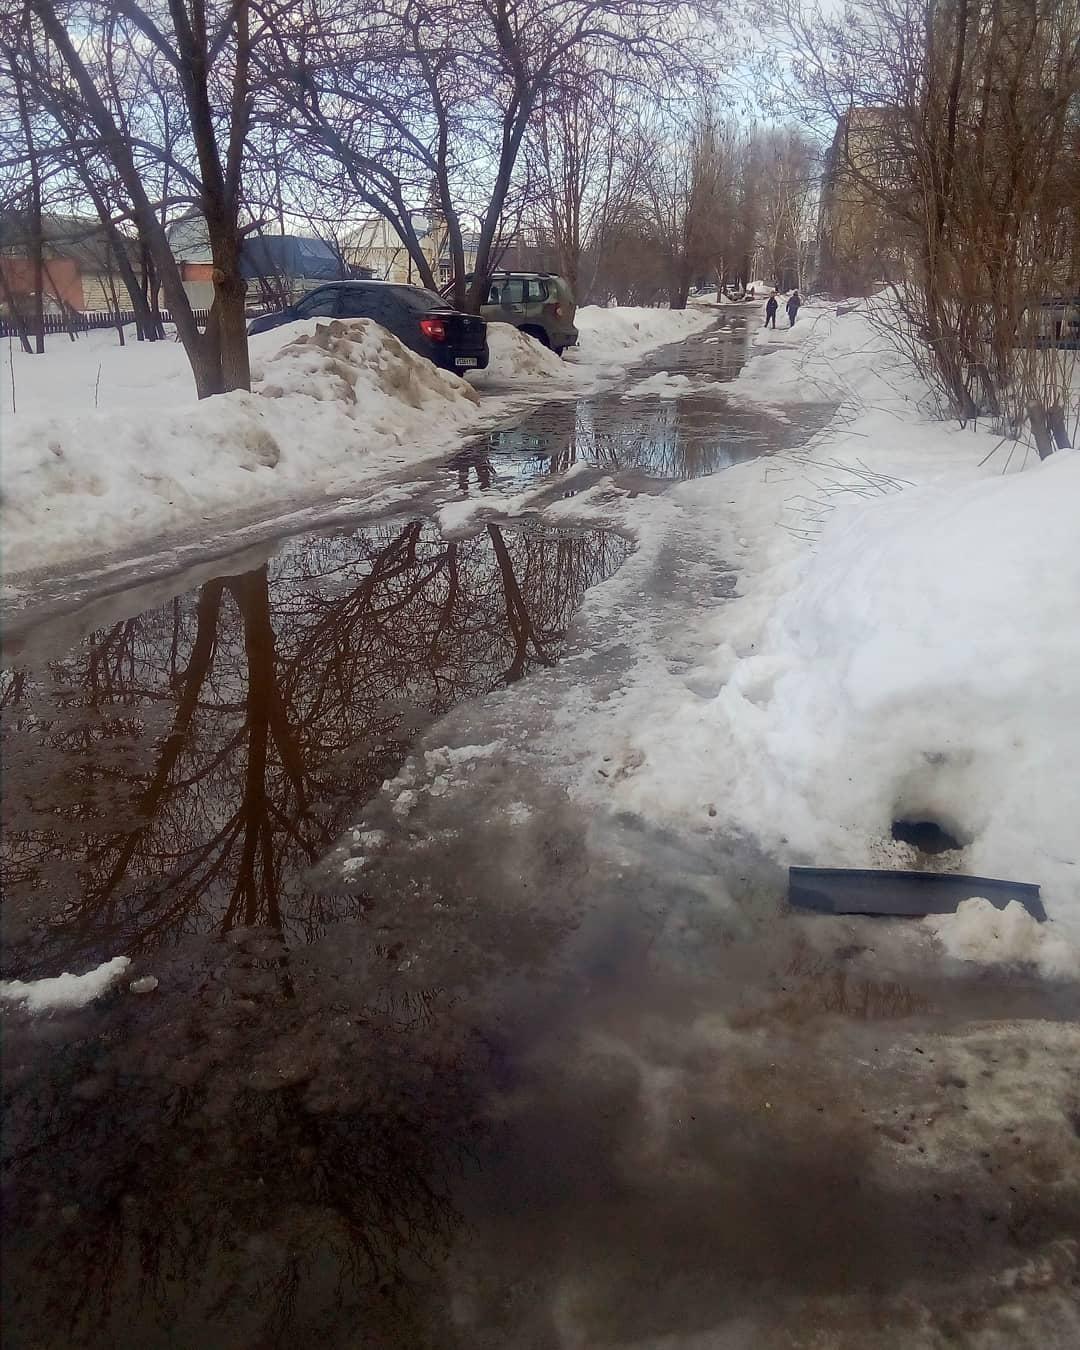 Как только в Петровск пришла весна, по большинству дворов многоэтажек стало невозможно пройти из-за талой воды